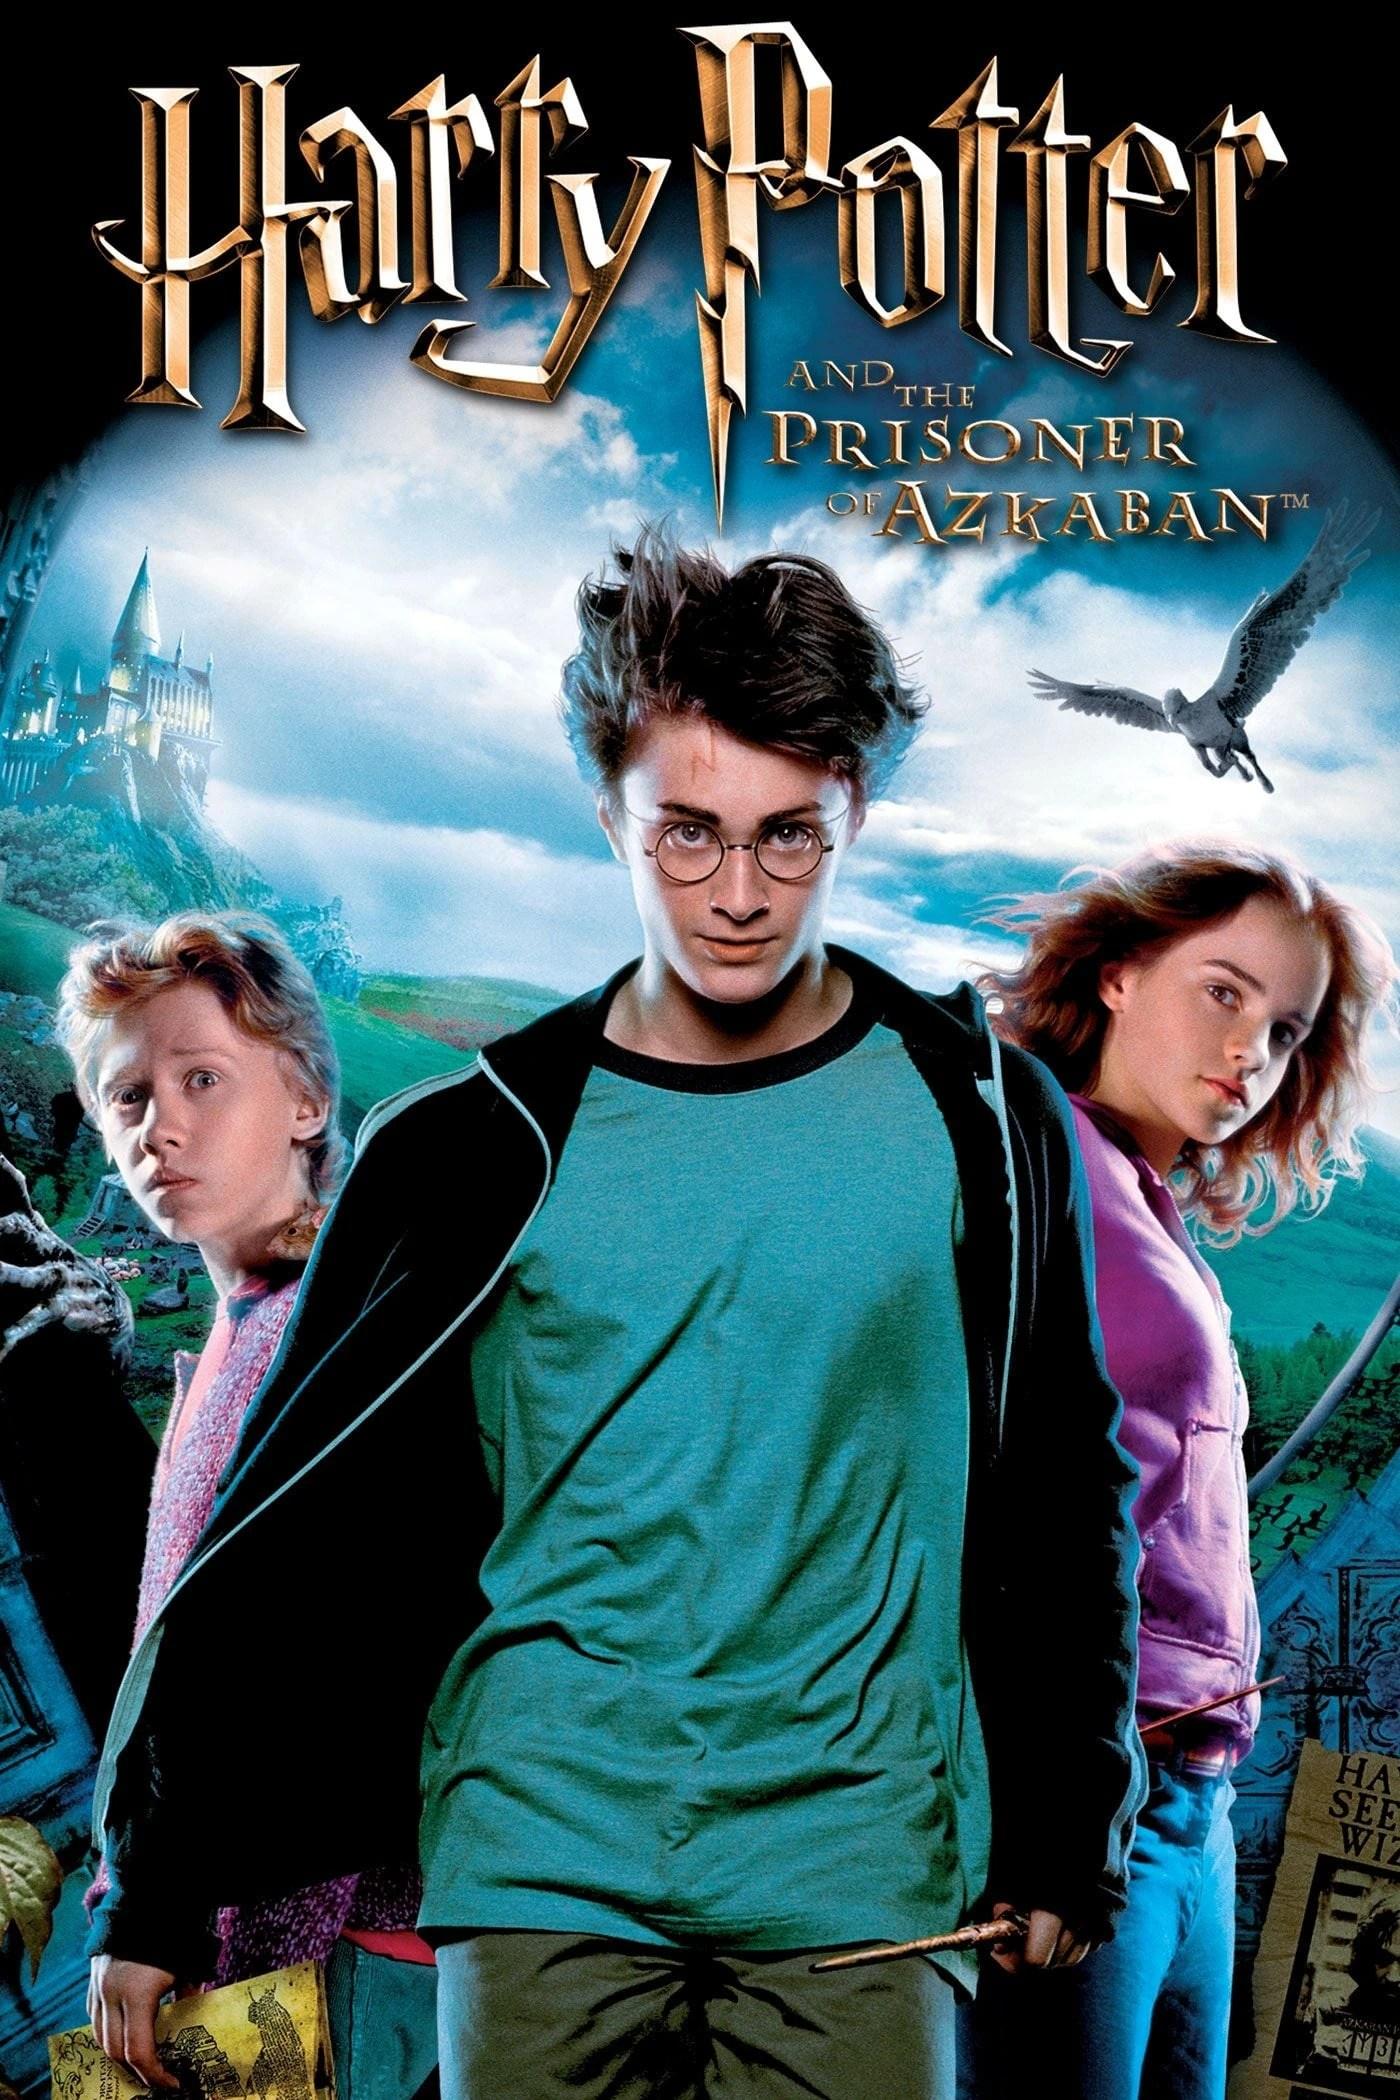 Download Harry Potter 3 Sub Indo : download, harry, potter, Harry, Potter, Prisoner, Azkaban, (film), Fandom